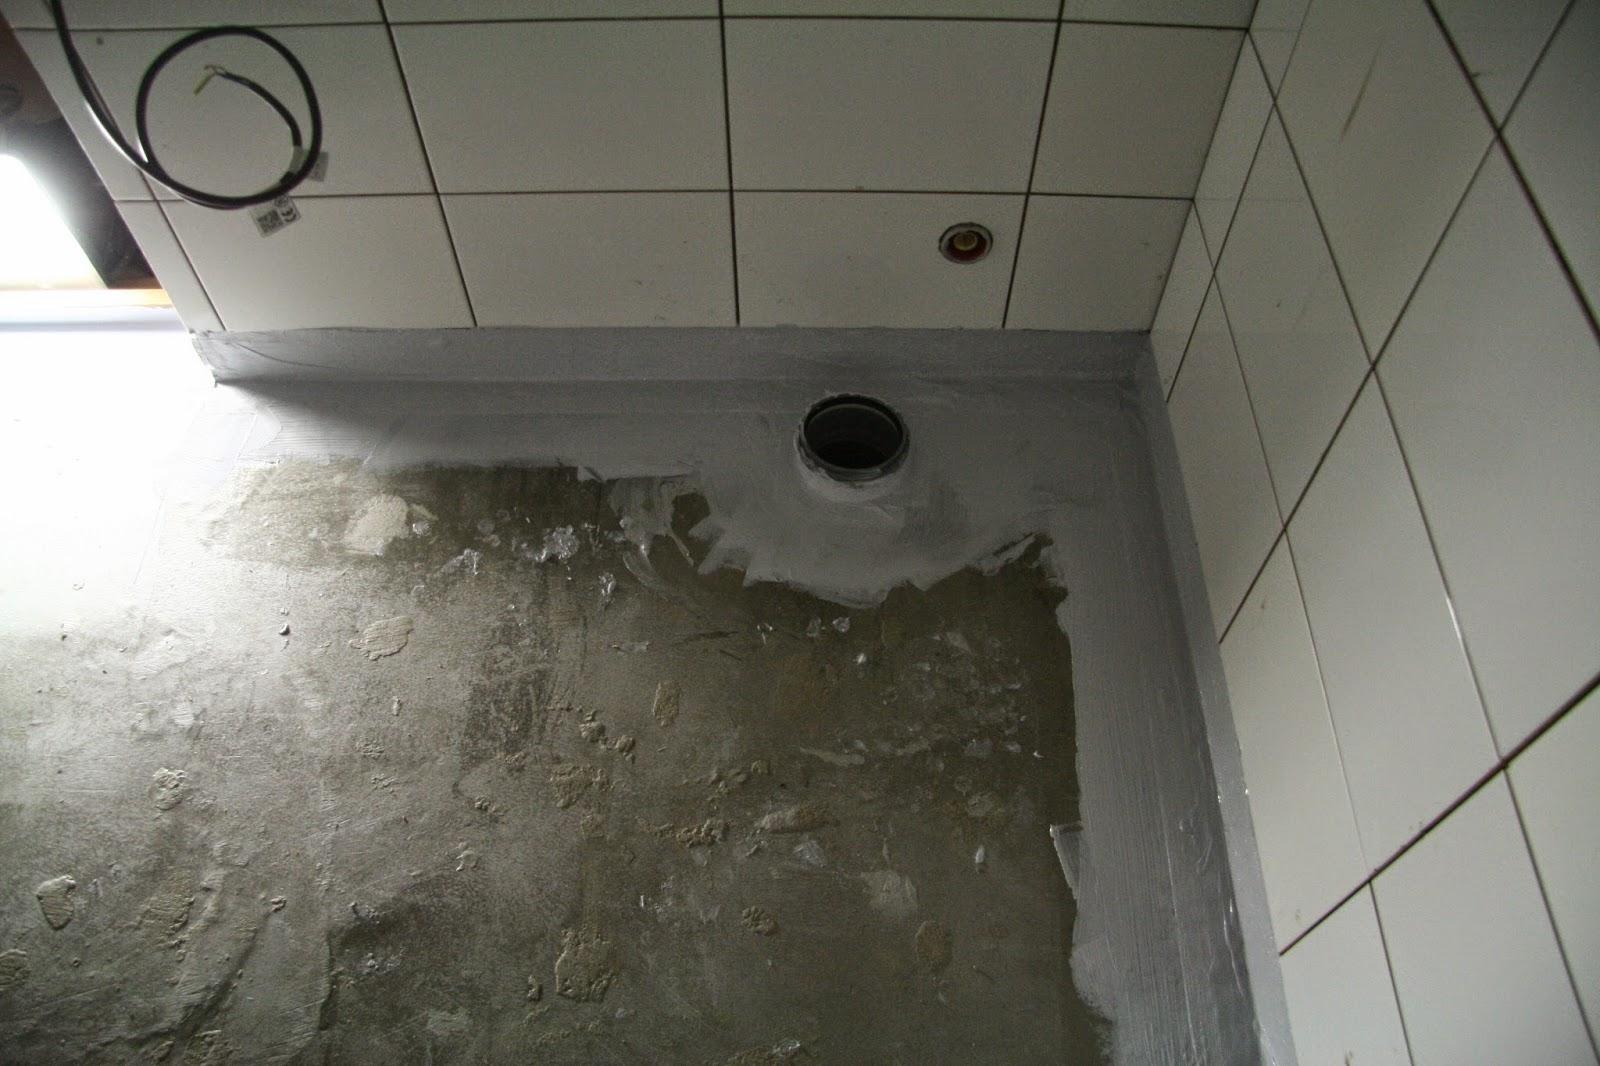 kylpyhuoneesta pitkästä aikaa!  oma koti kultainen